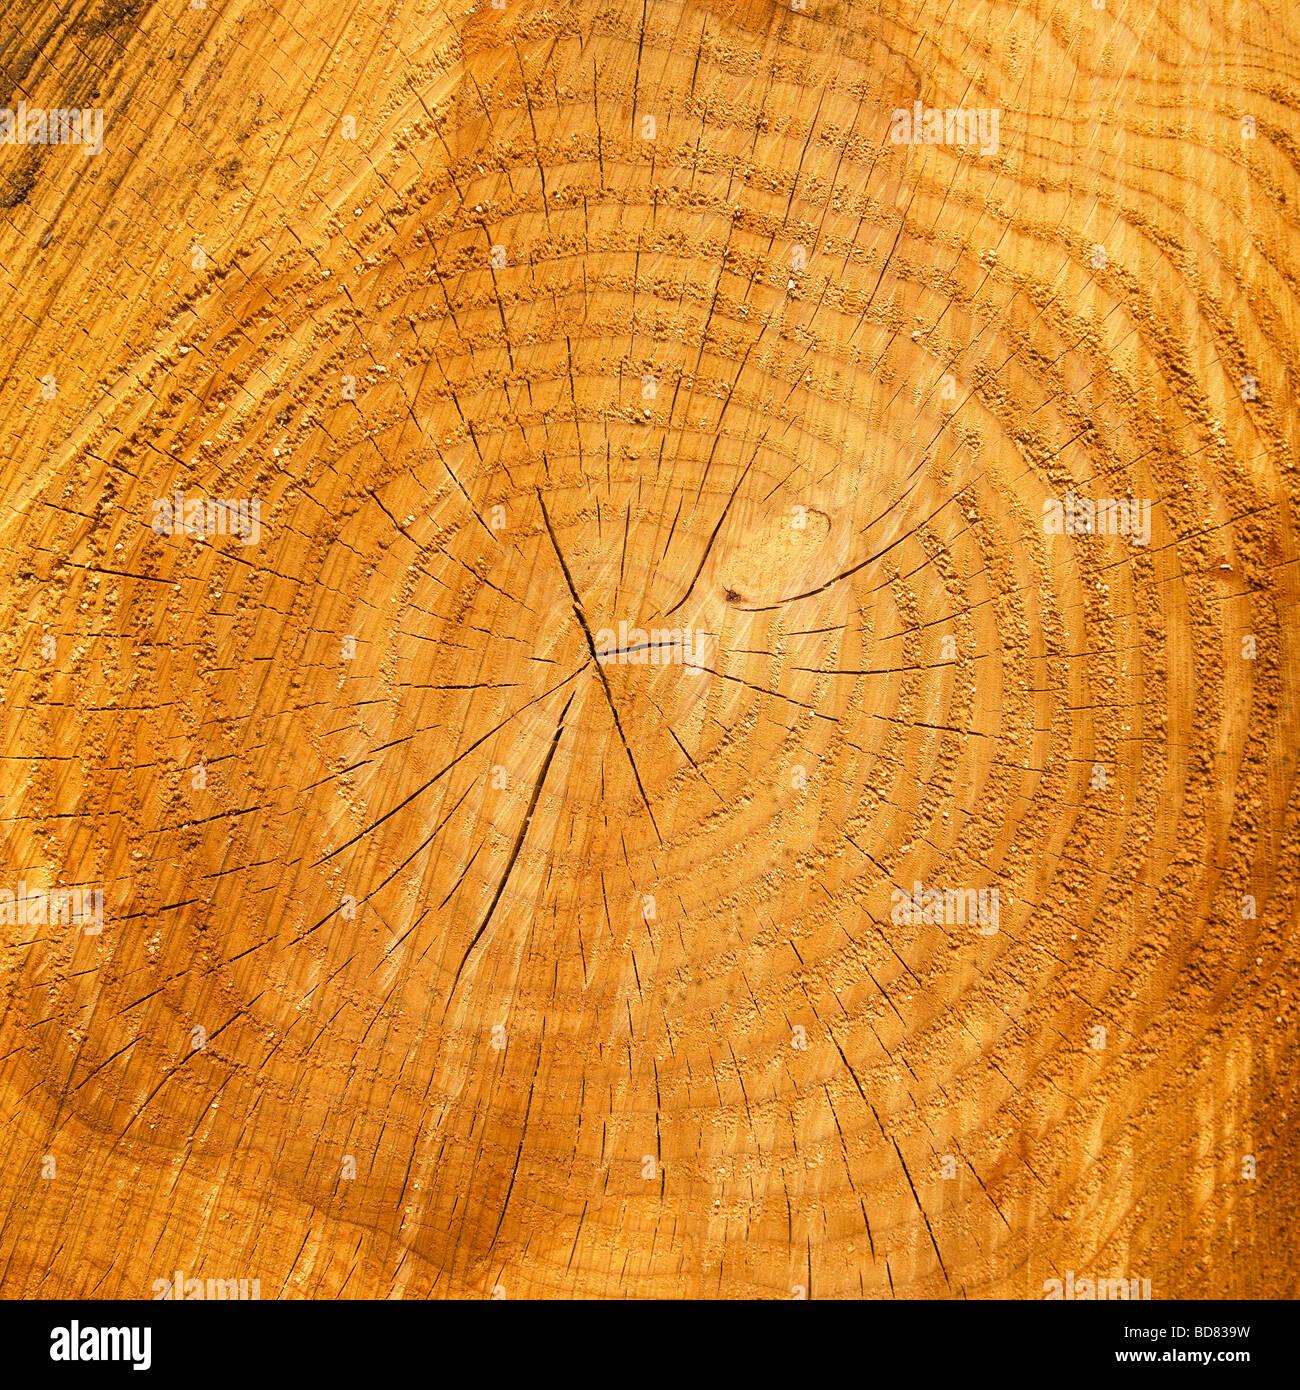 Les anneaux de croissance sur un tronc d'arbre. Photo Stock